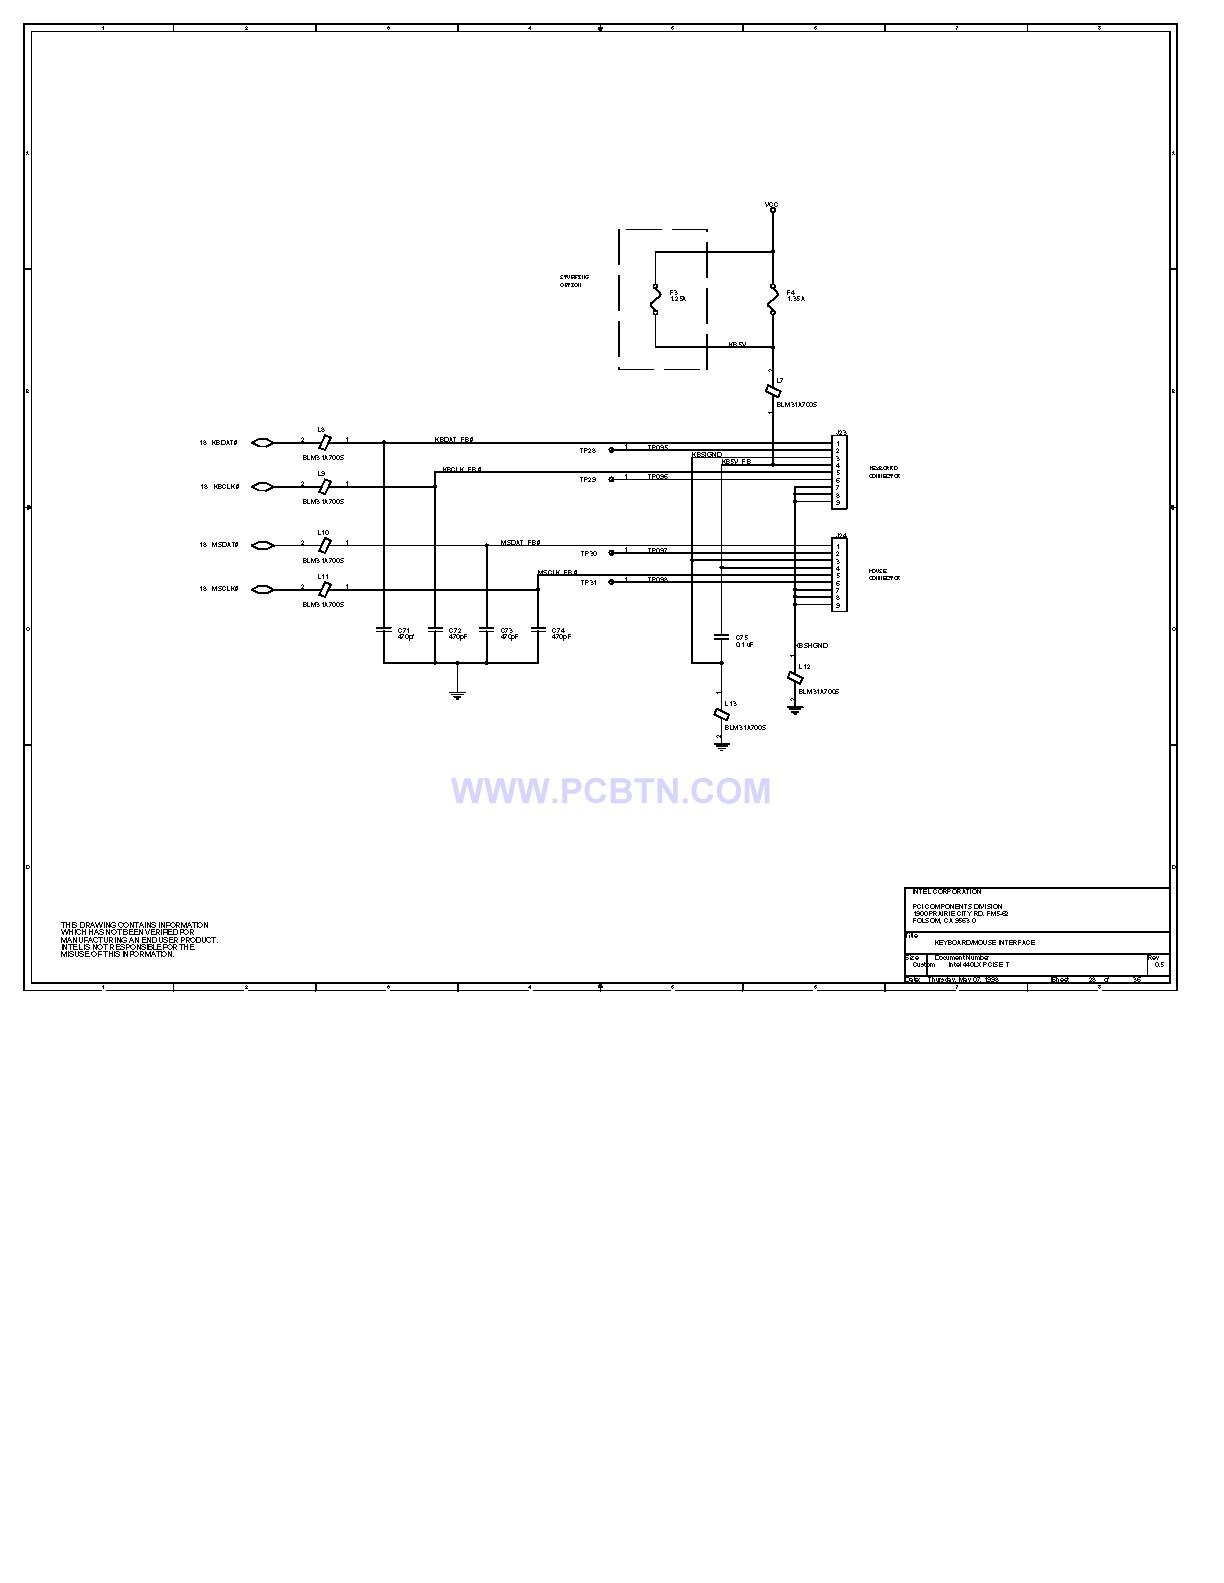 电脑主板设计图440LX[_]28